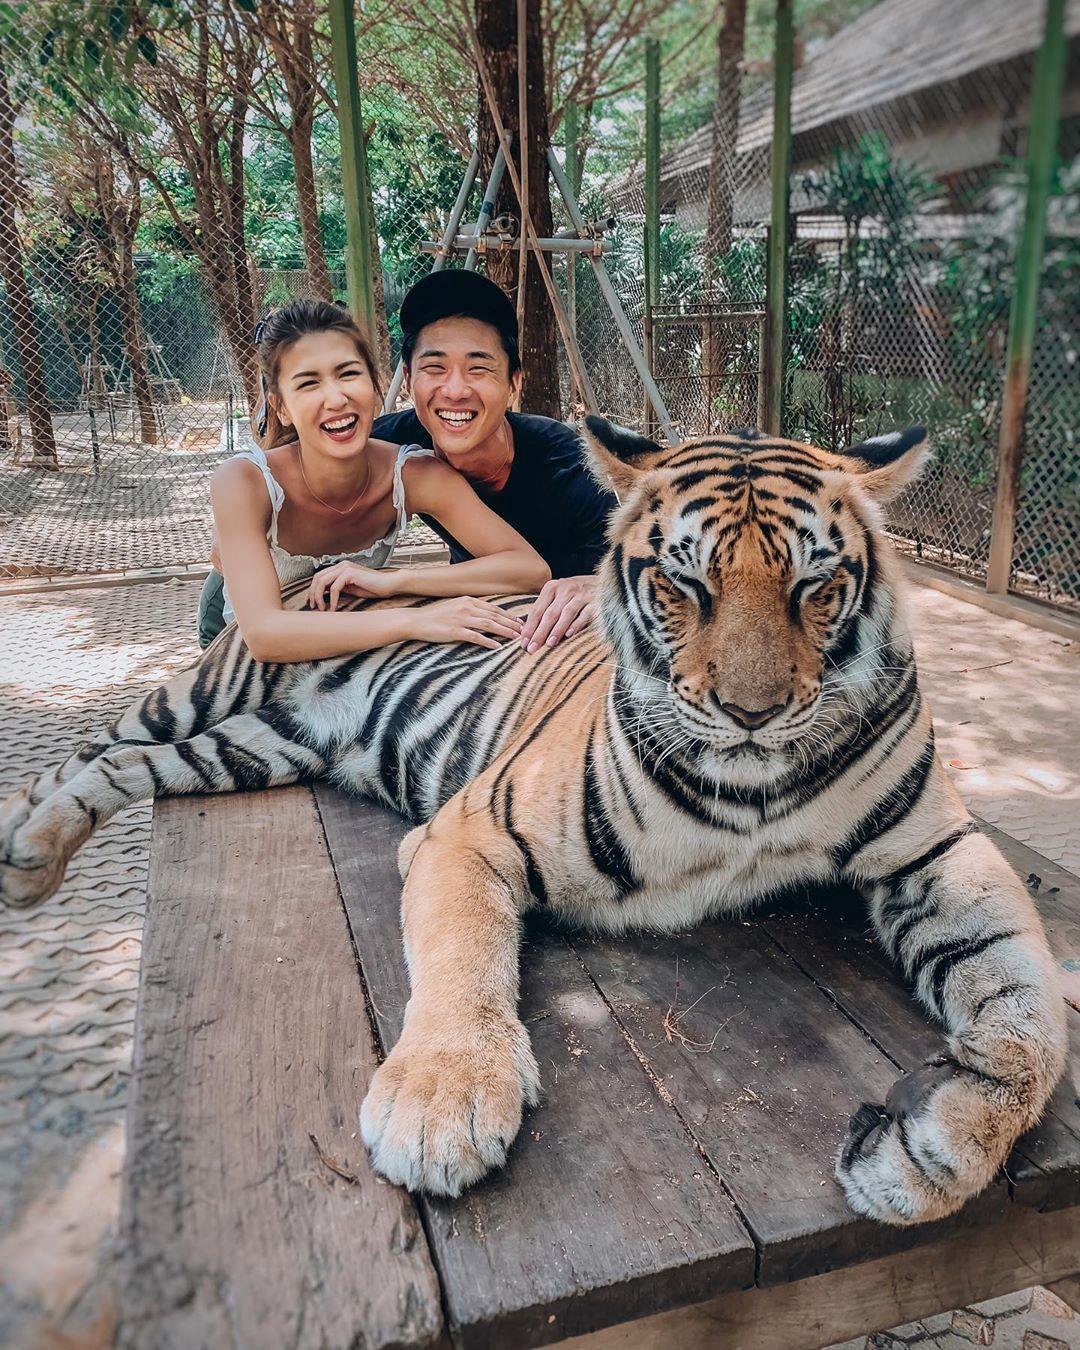 Tới Thái Lan, ghé nơi hổ đi lại nhởn nhơ trước mặt du khách Ảnh 2